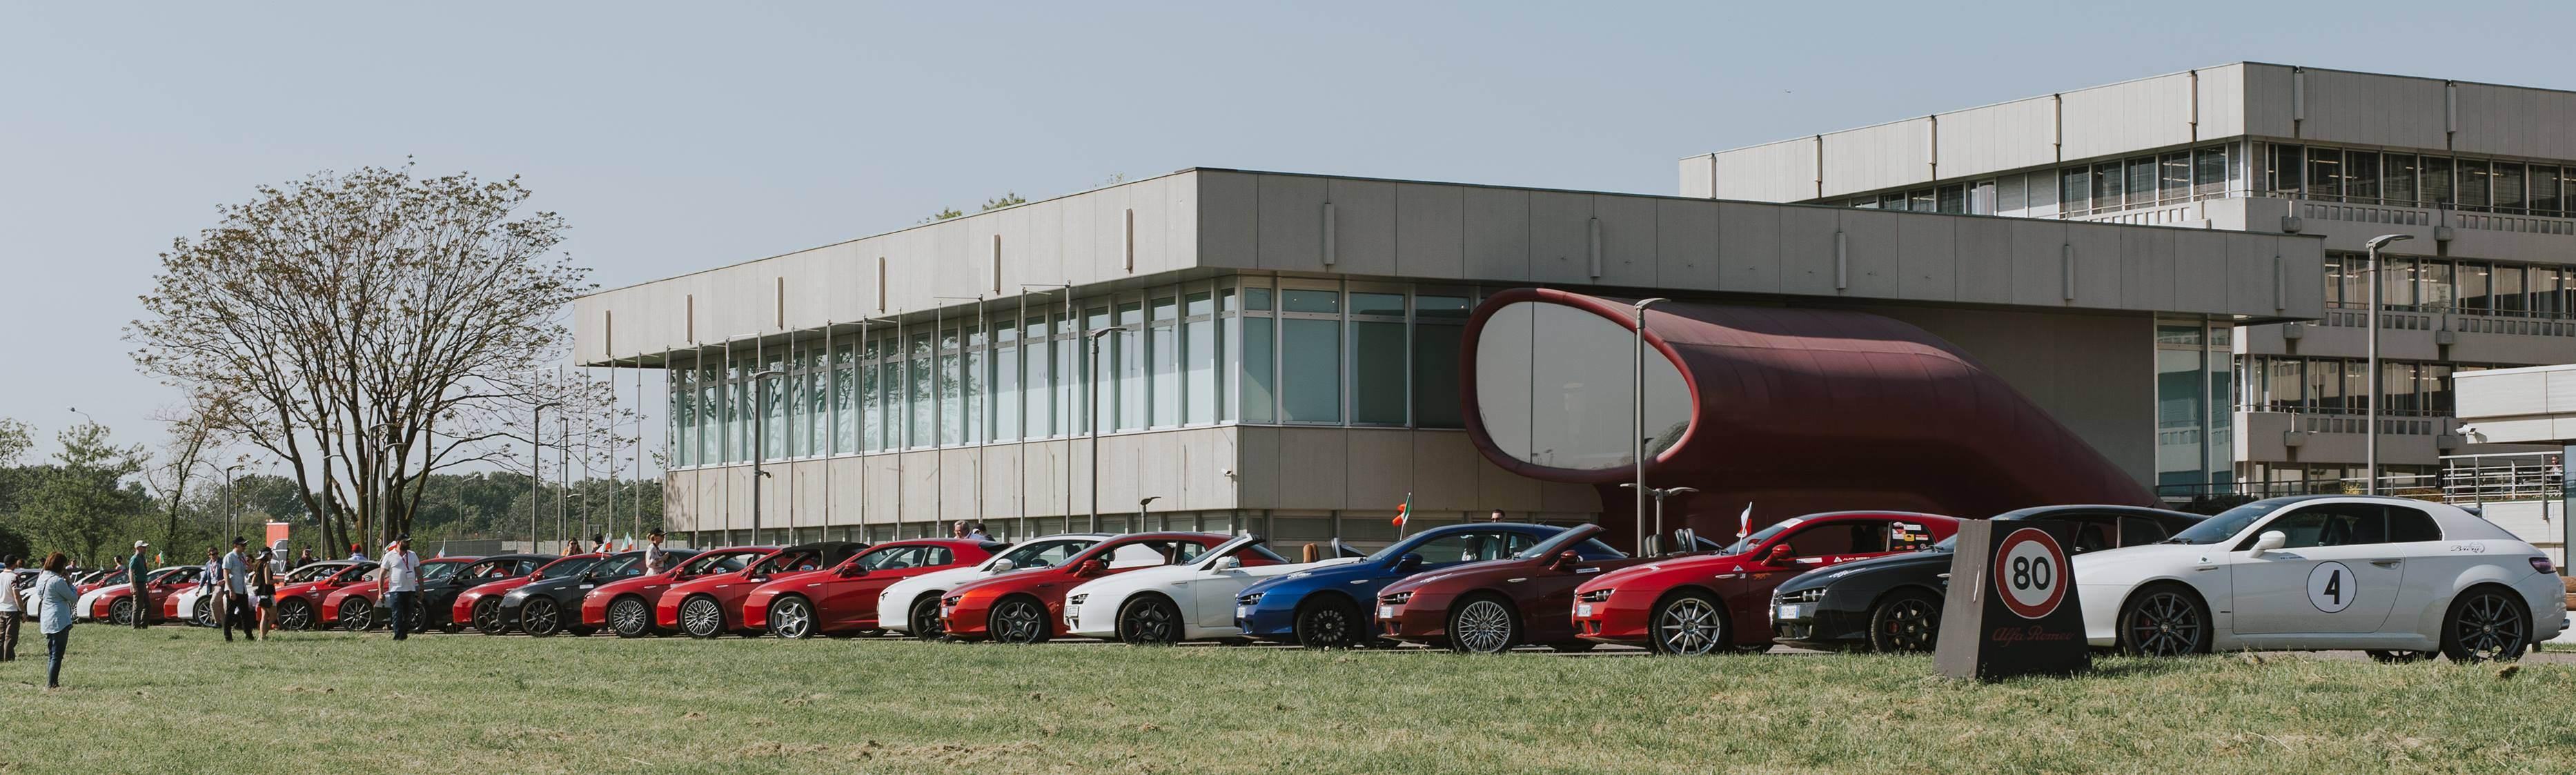 foto Alfa Romeo Spider - 3.2 V6 jts 260cv - Q4 - Bianco Ghiaccio - 2010 - RA - 20